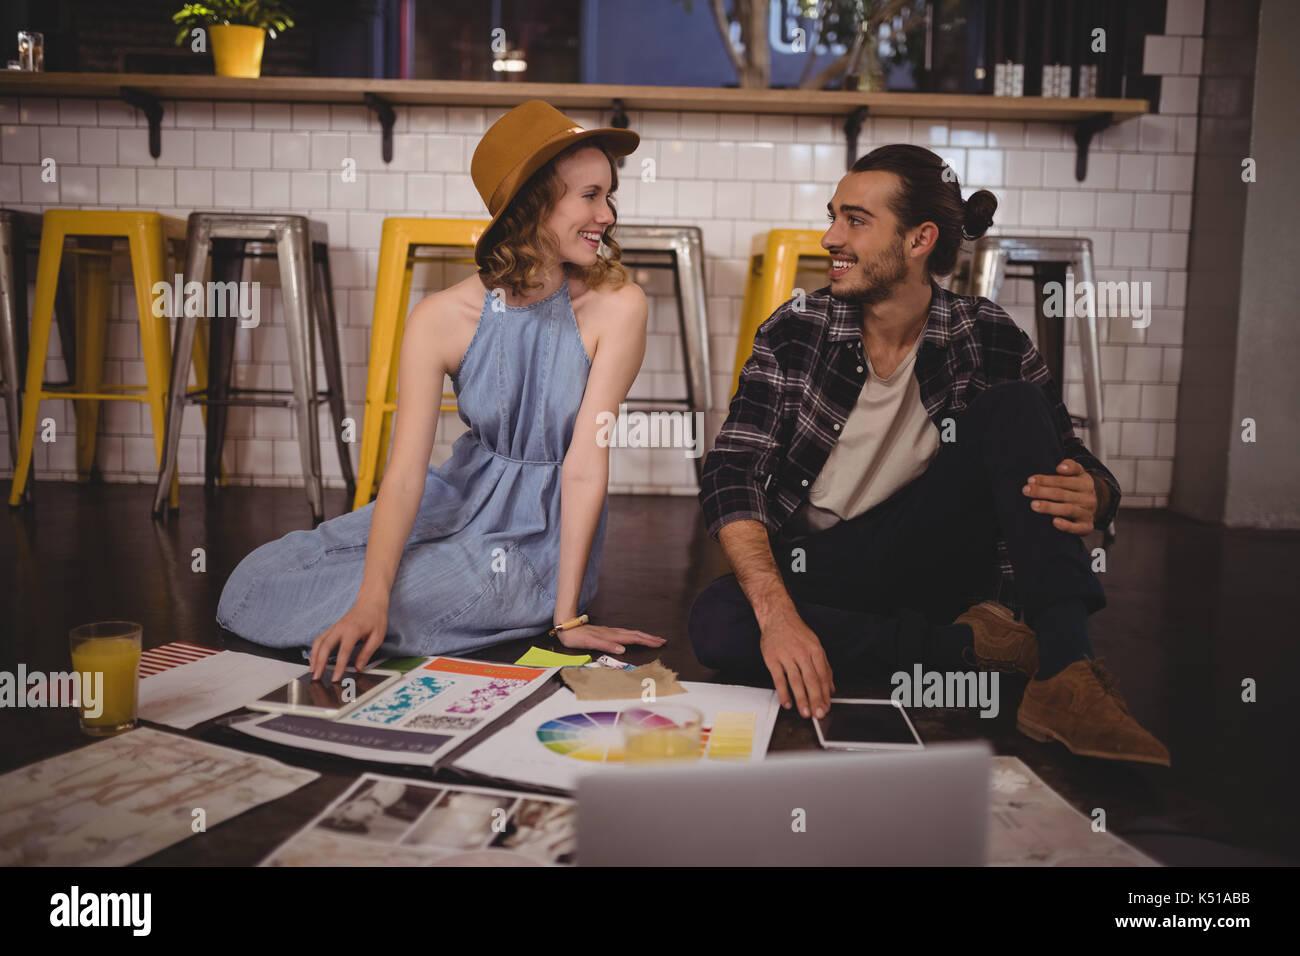 Sorridente giovani designer seduto con i fogli sul pavimento nel coffee shop Immagini Stock